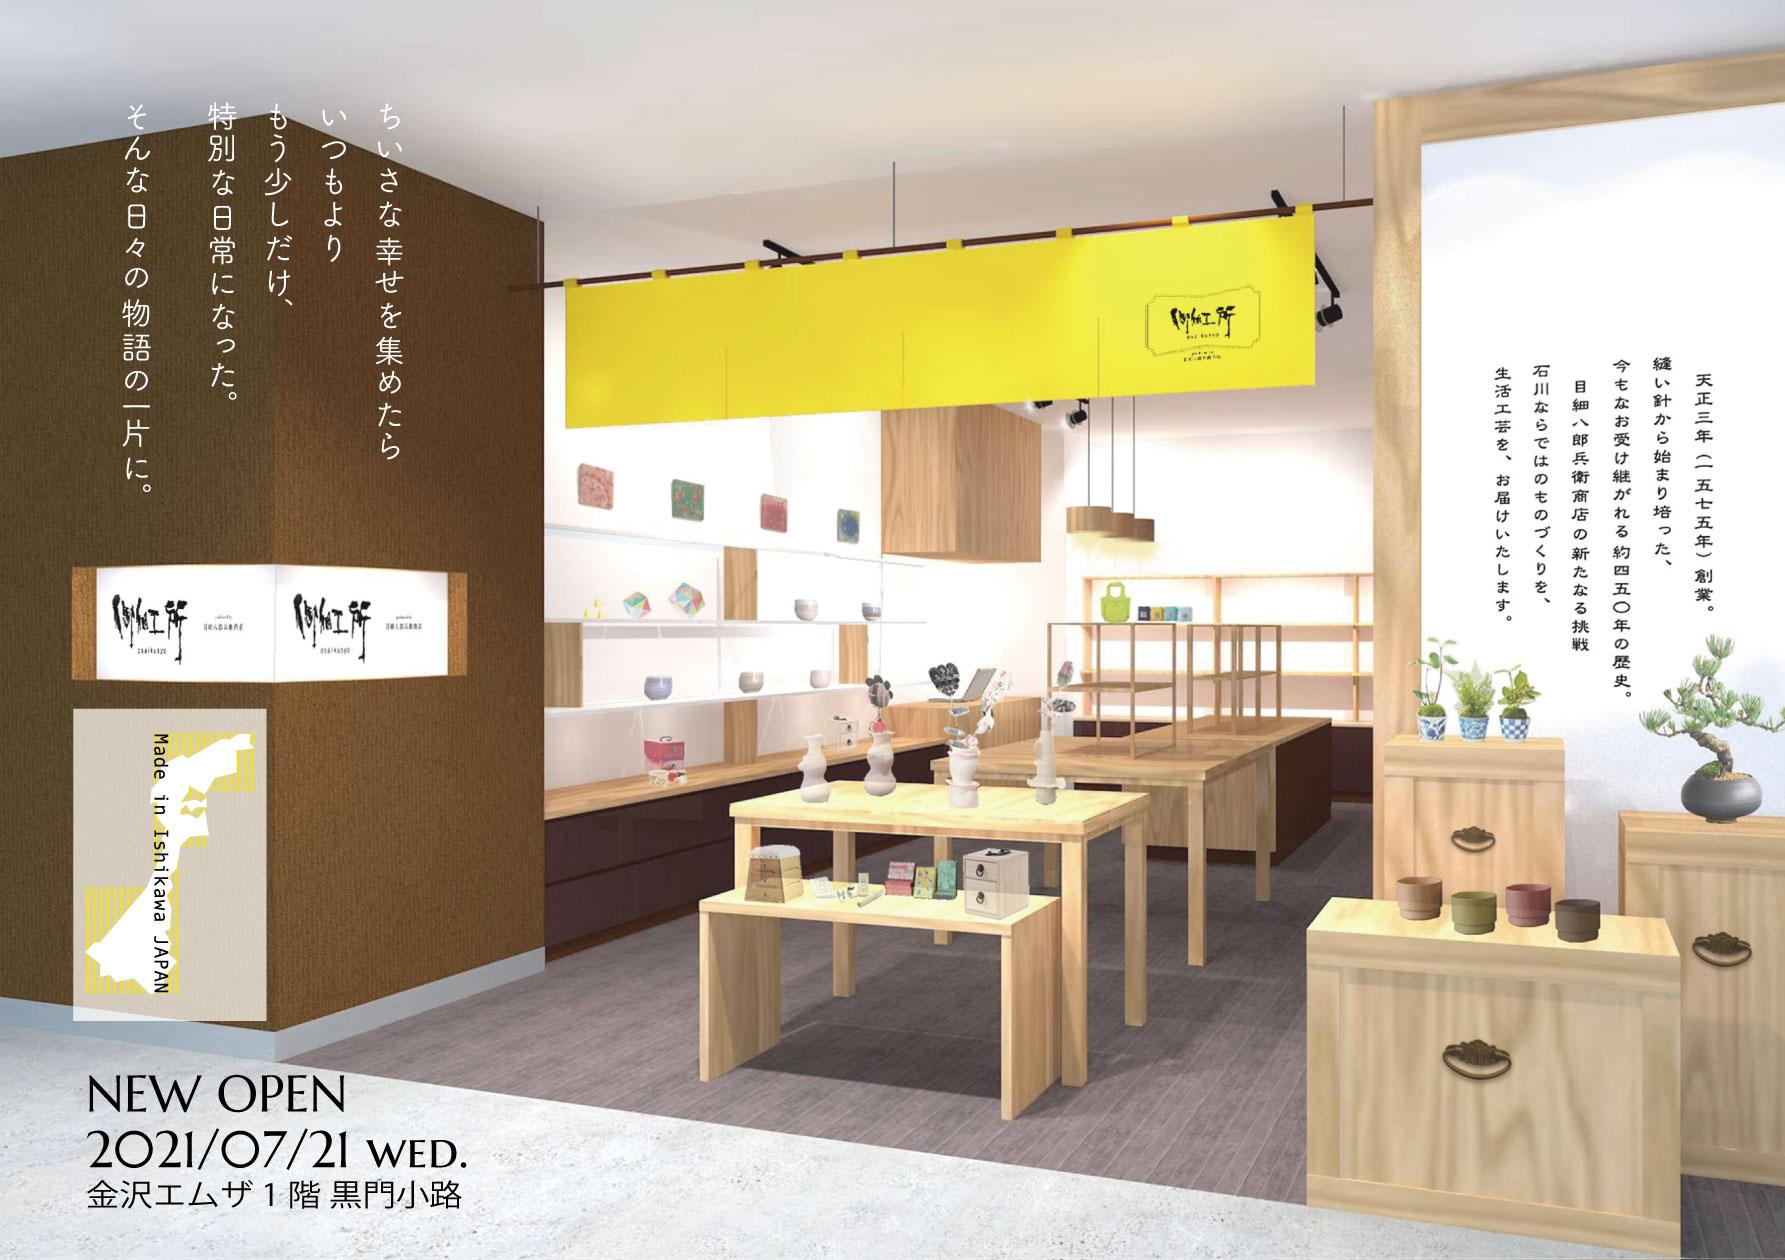 「御細工所 produced by 目細八郎兵衛商店」でのお取り扱いが始まります。